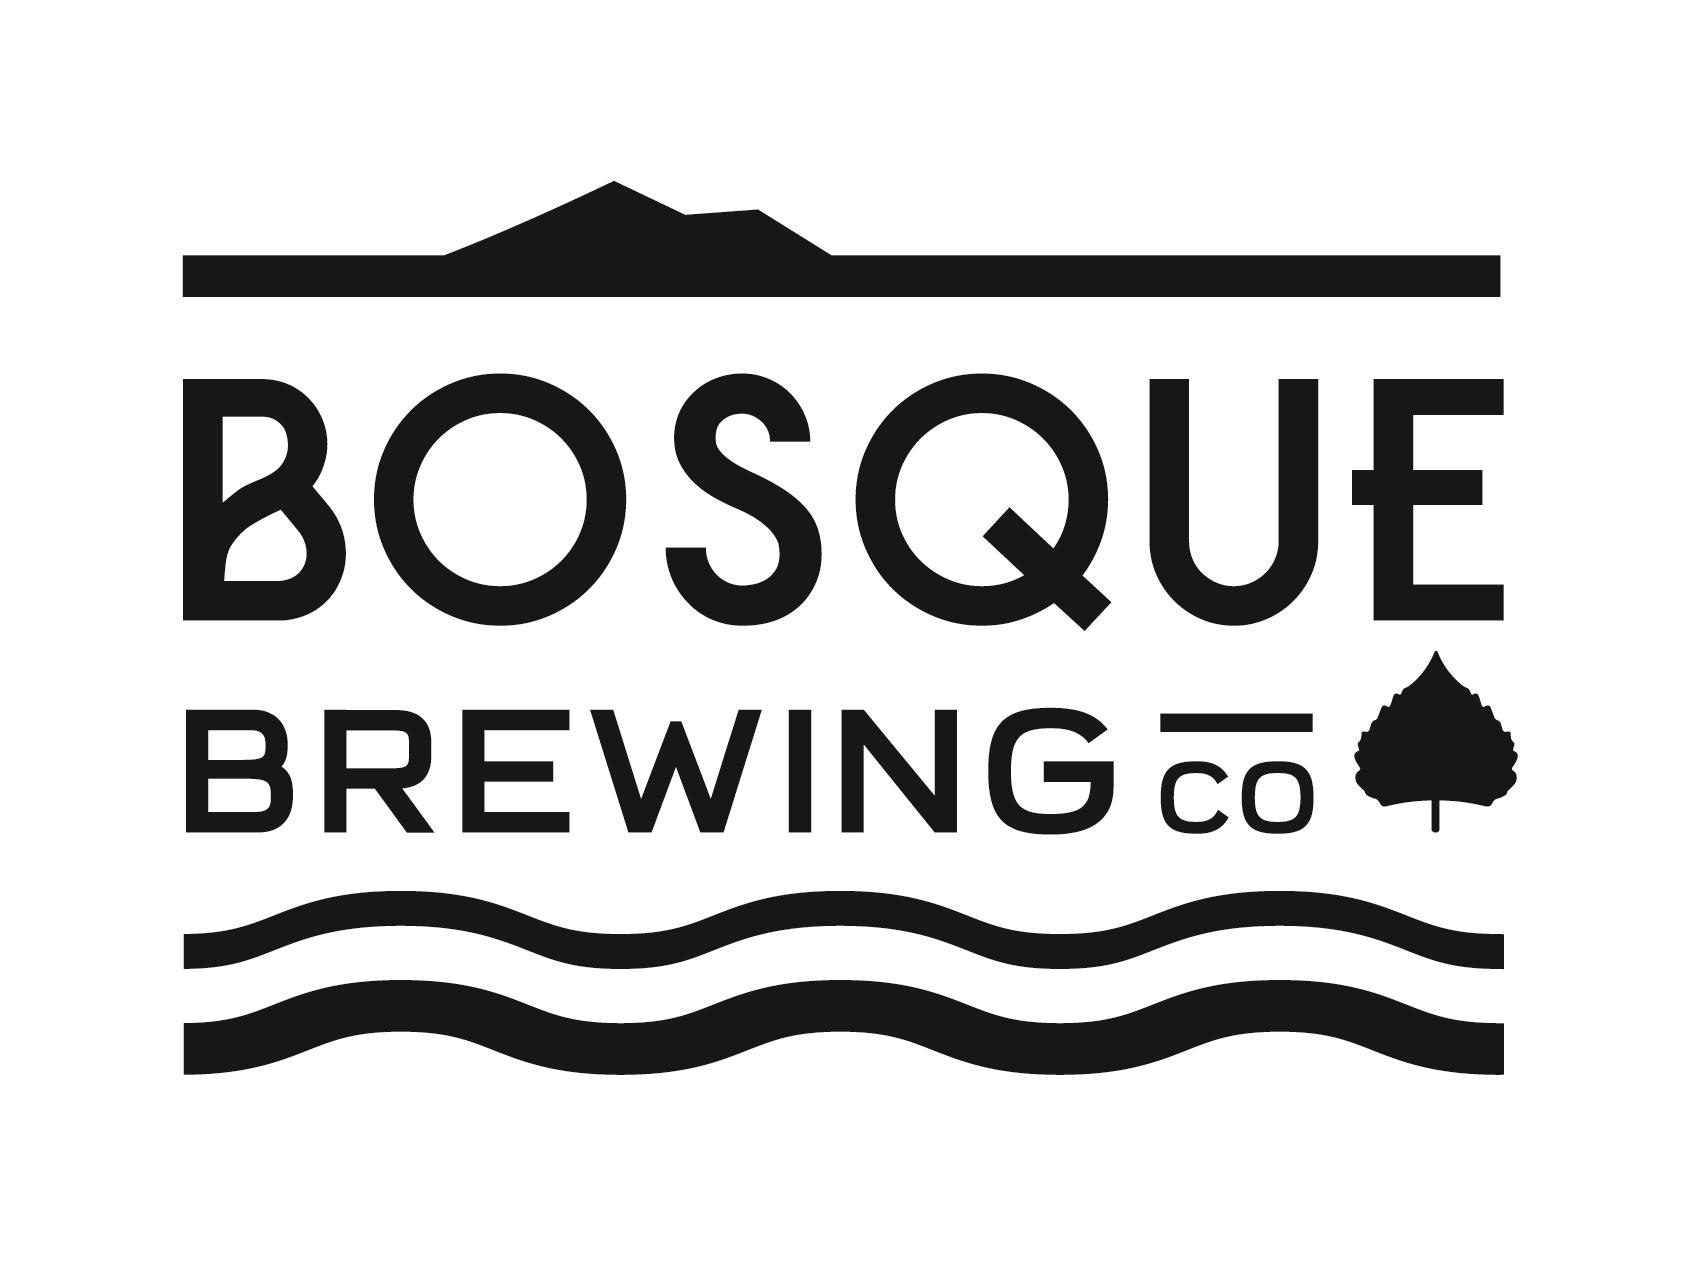 Bosque Brewing Co. logo